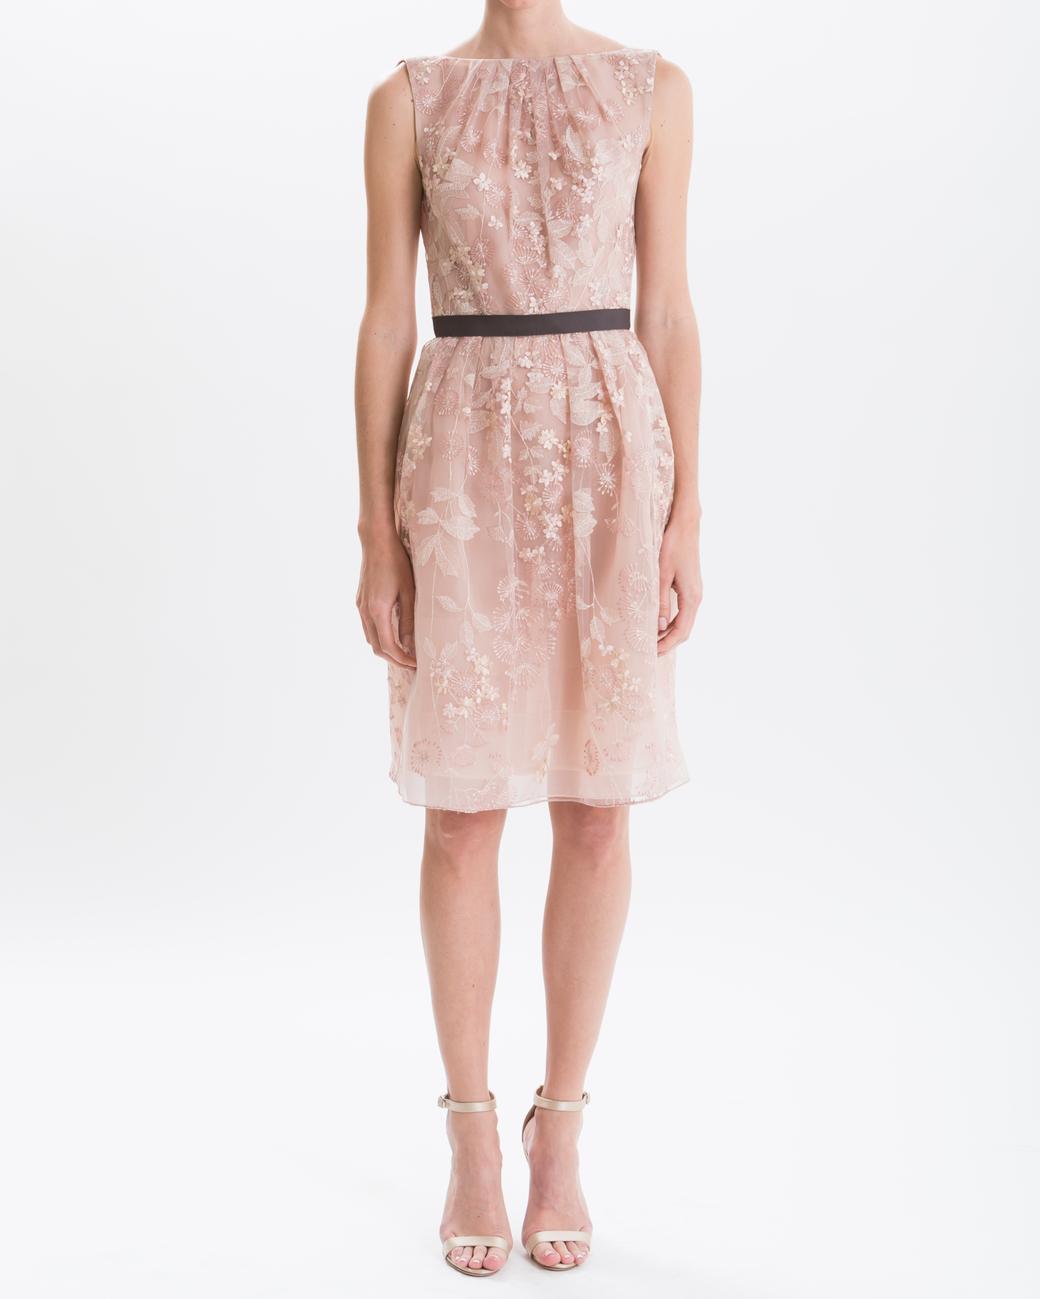 J. Mendel Blush Knee-Length Dress